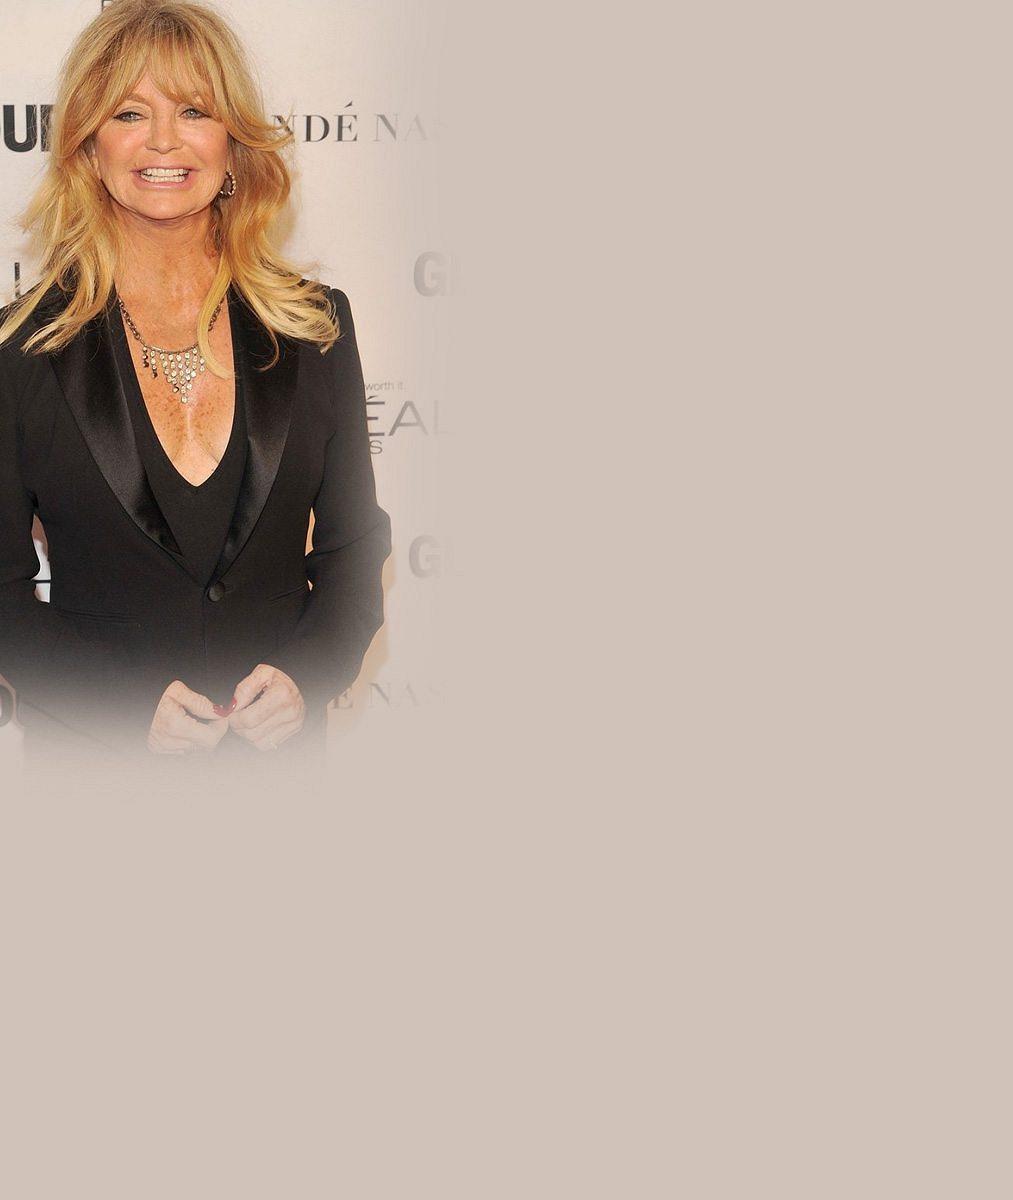 Změní Goldie Hawn po sedmdesátce své návyky? 5fotek, které ji zachycují bez podprsenky